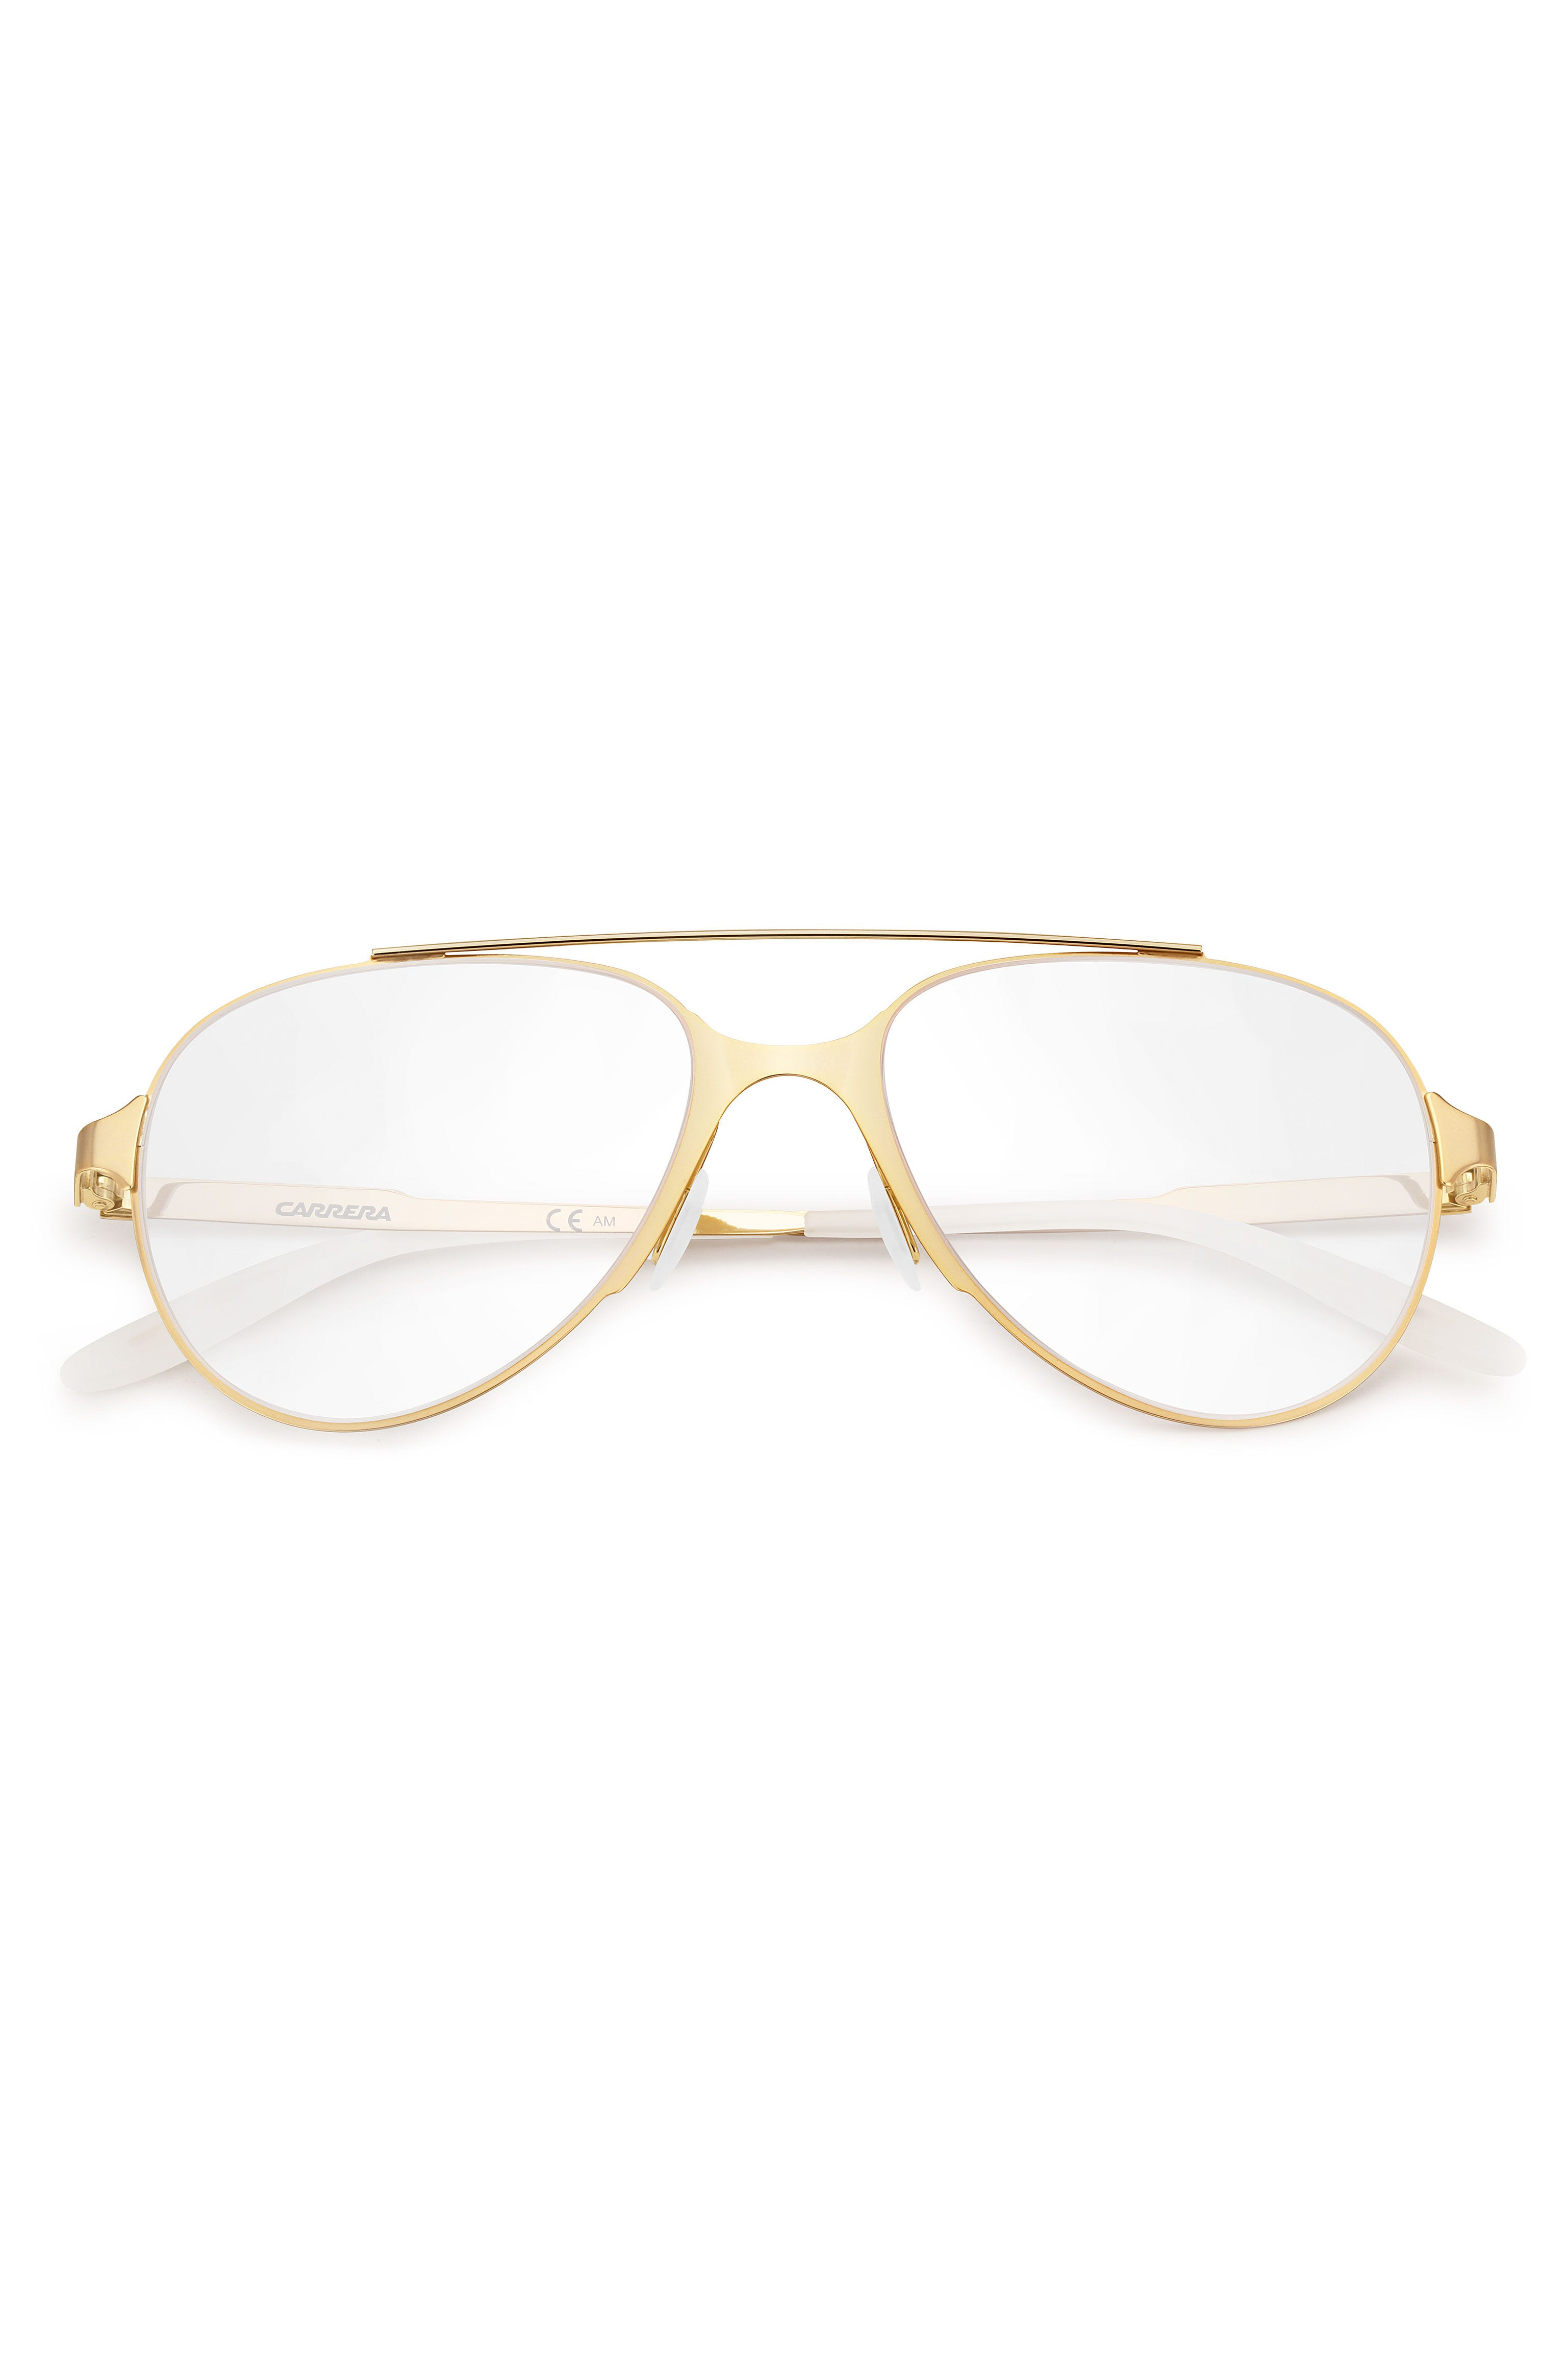 Non Prescription Glasses Gold Frame : Fake Glasses - How To Wear Non Prescription Frames